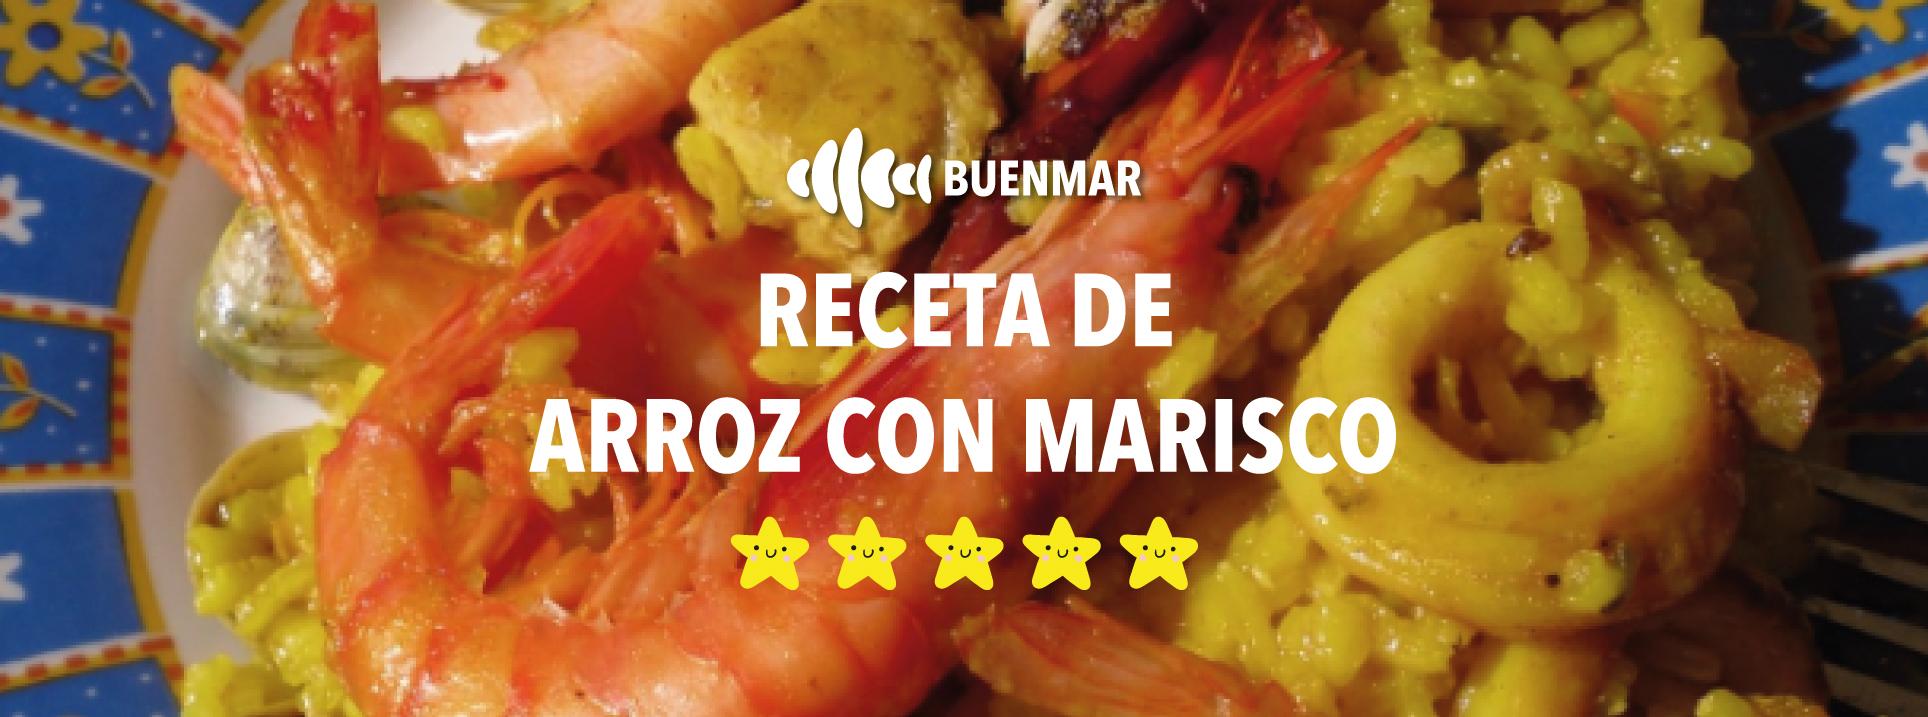 receta-arroz-con-marisco-buenmar